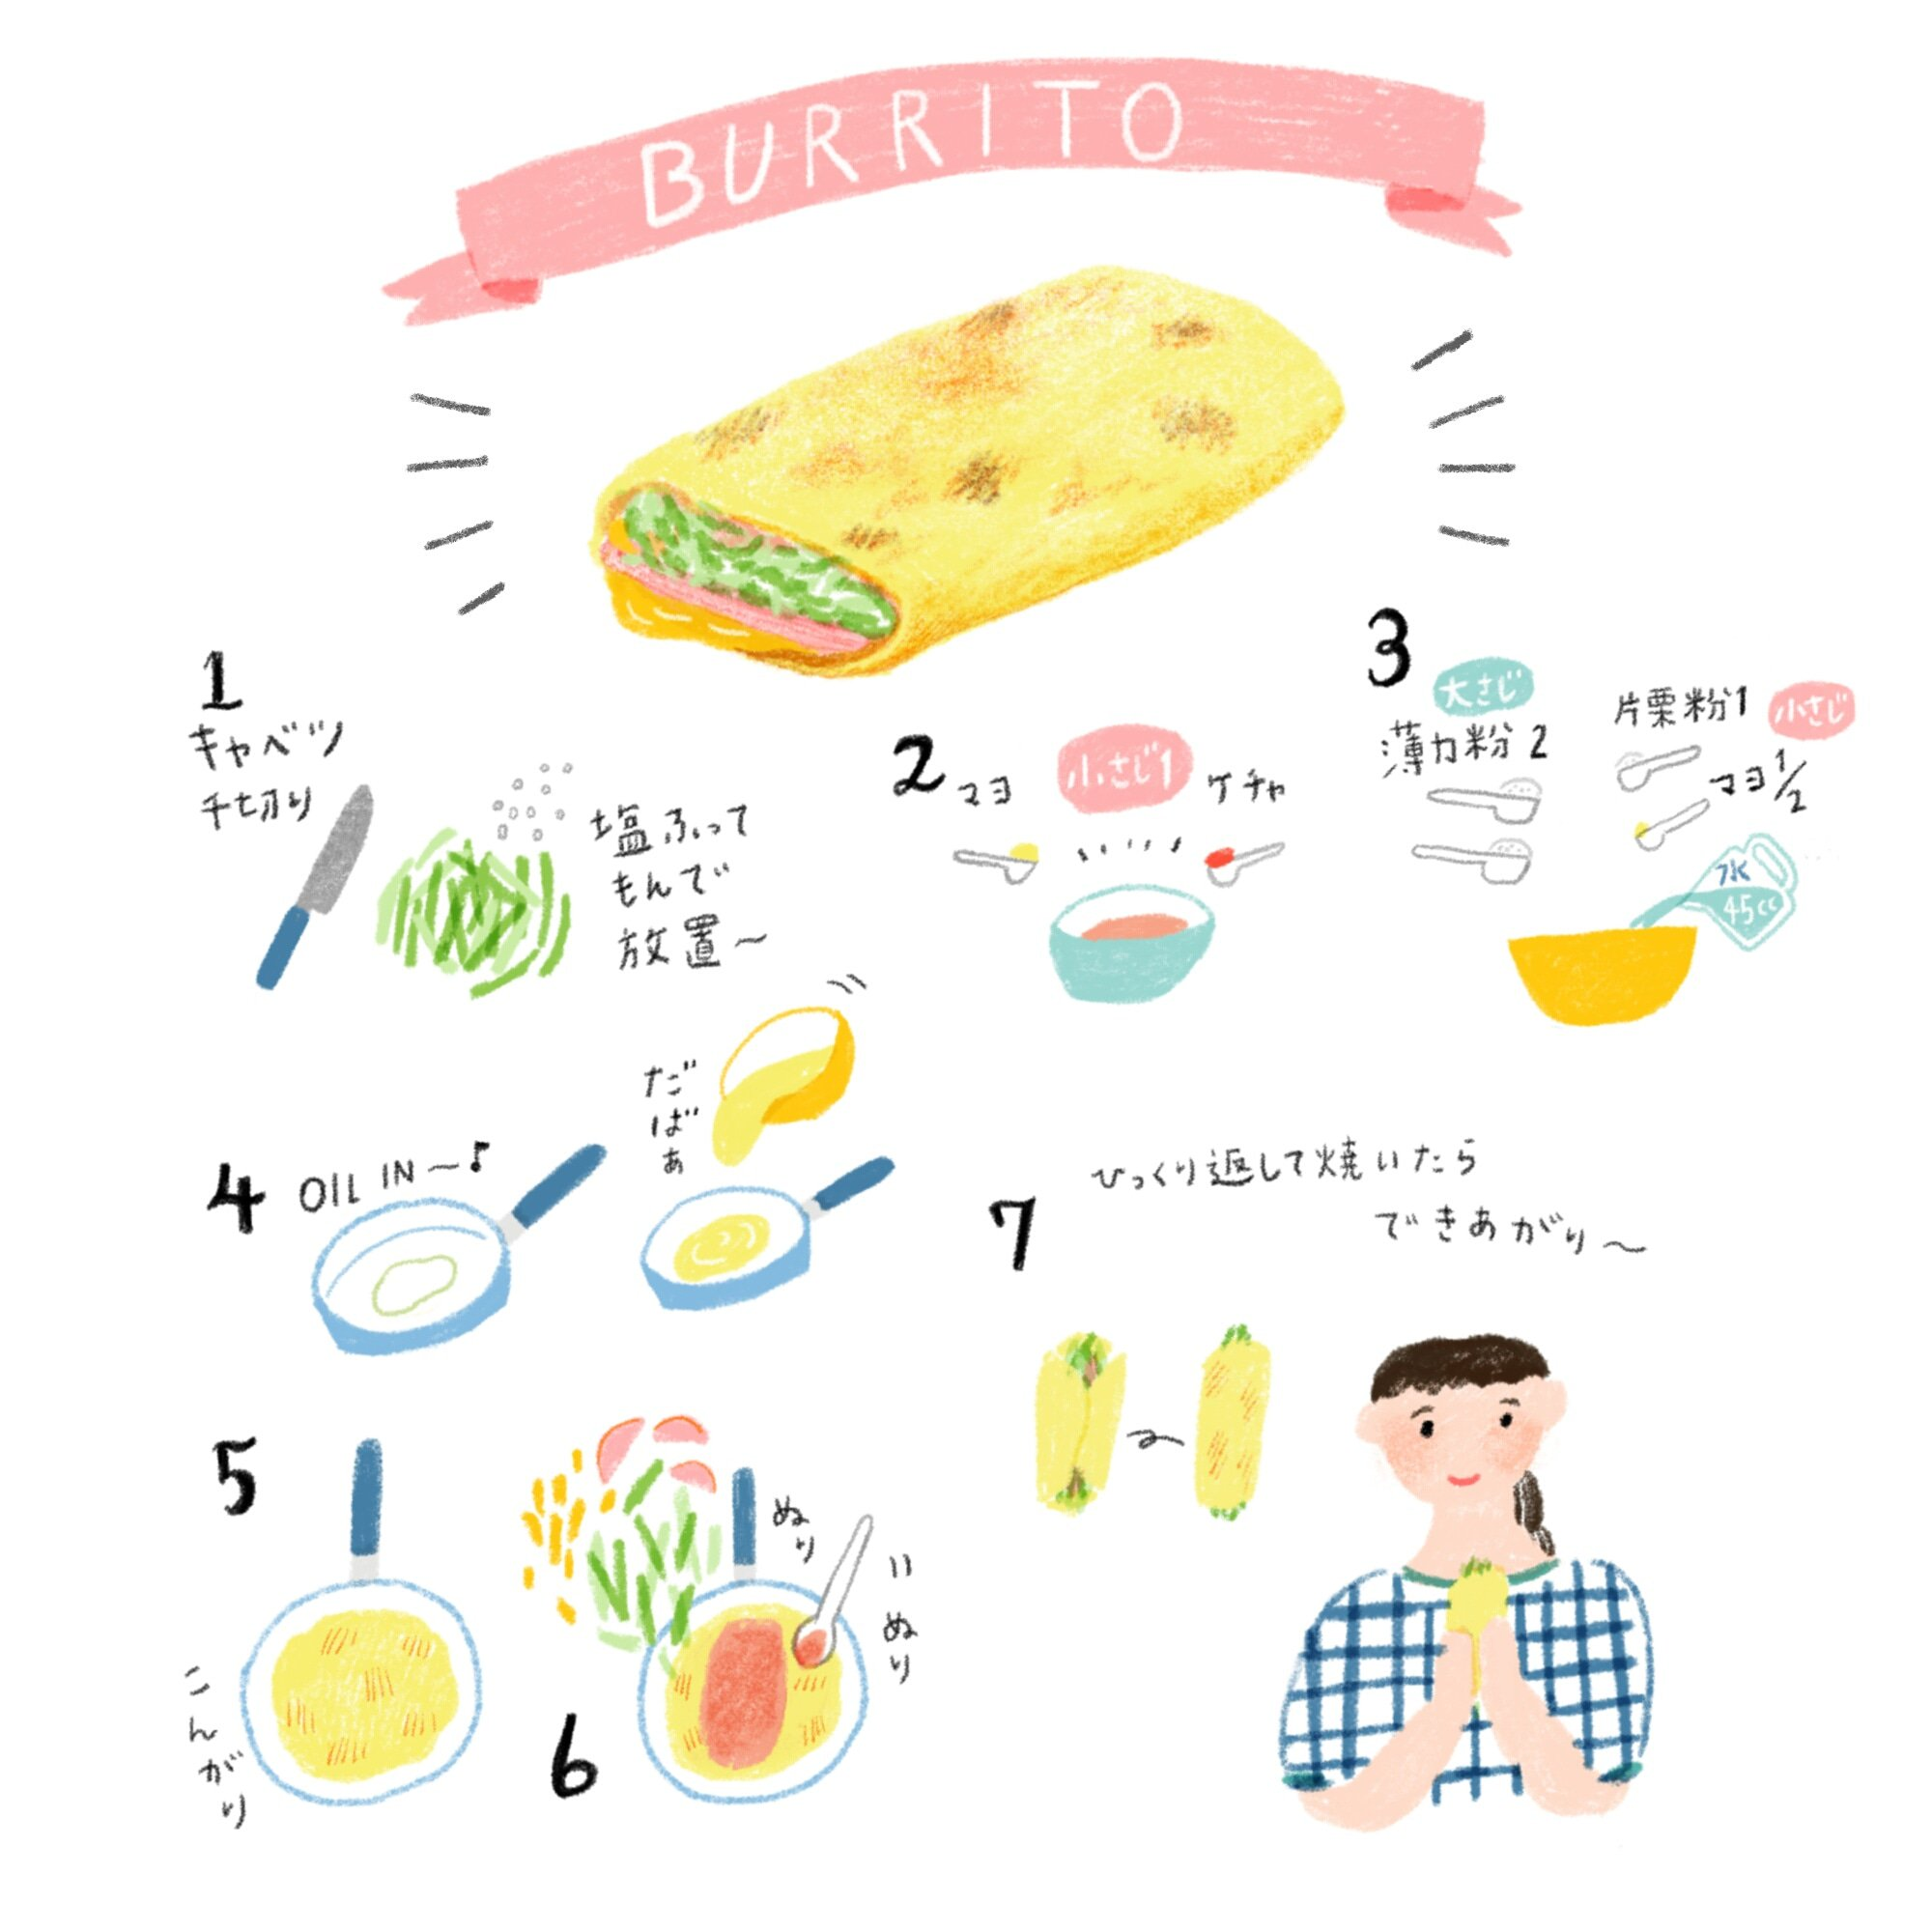 これは簡単!朝にパンもご飯もない時は...「ブリトー」を作ってみませんかwww